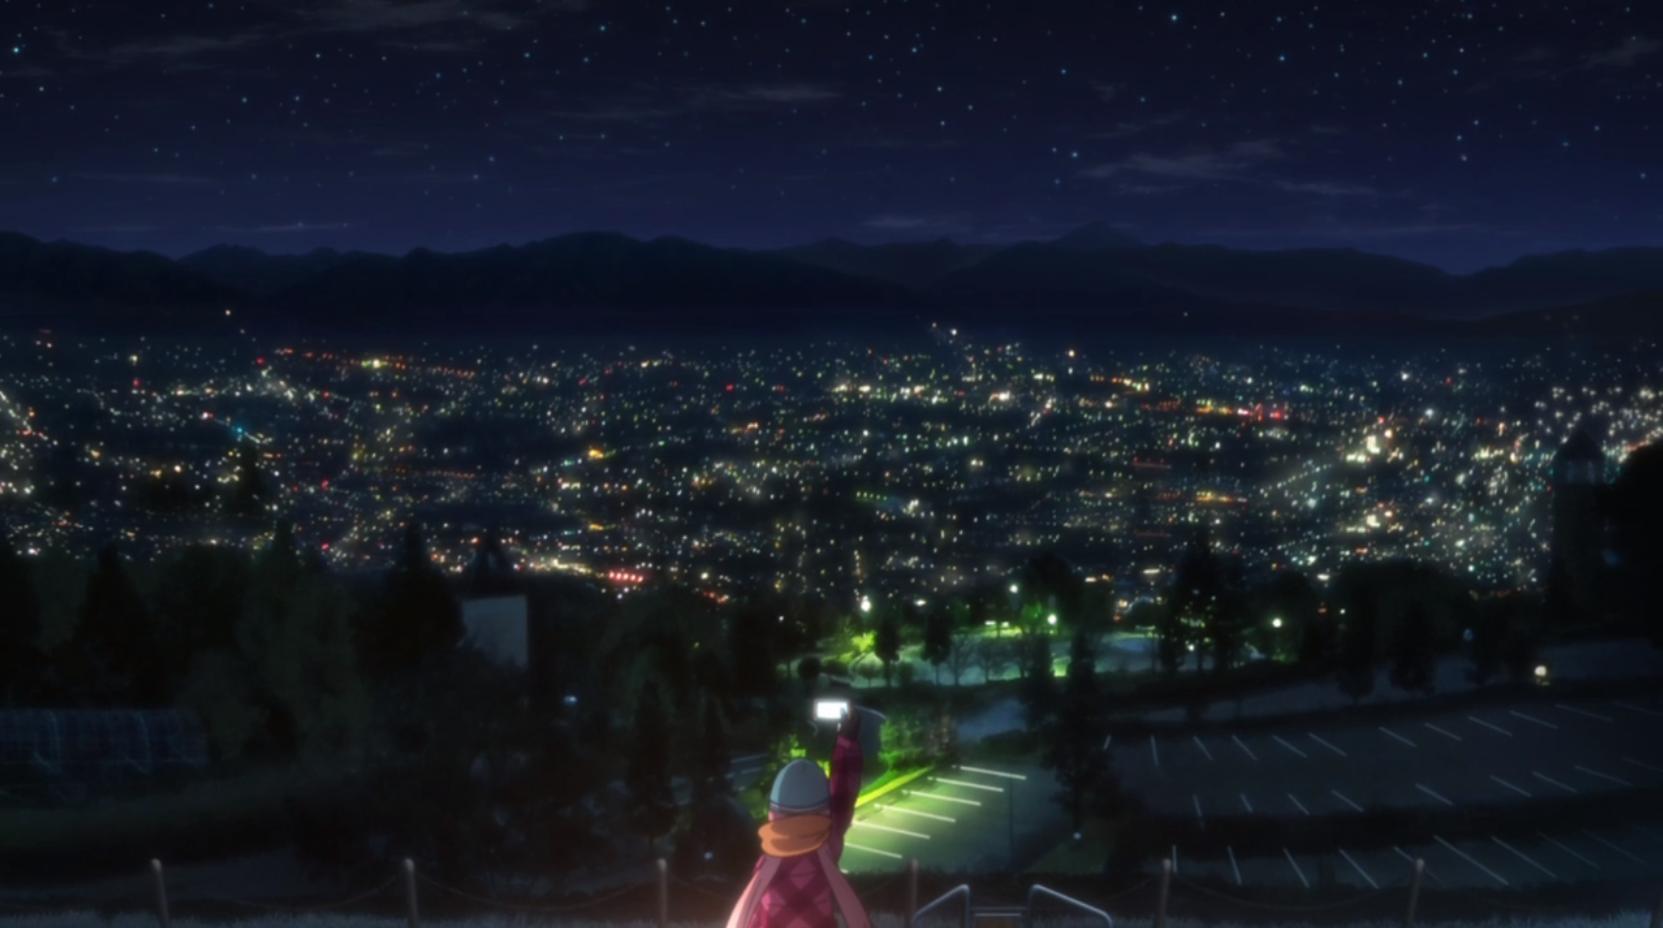 アニメ『ゆるキャン△』5話のなでしこが見た夜景